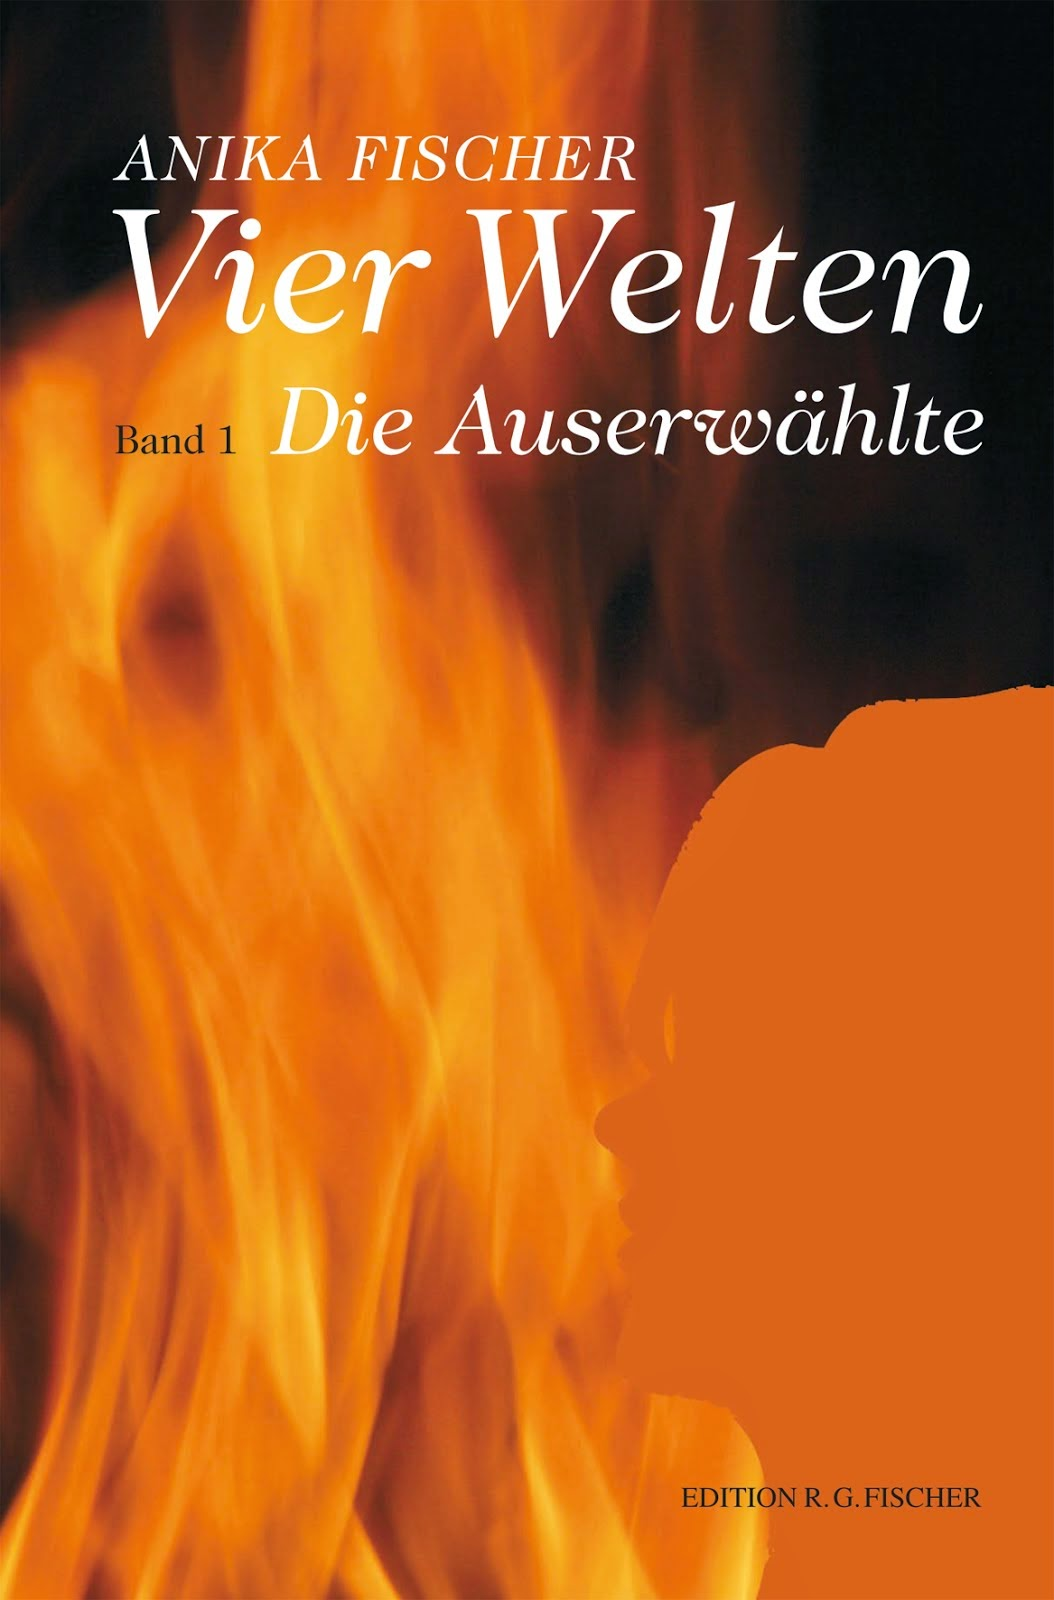 Mein Buch: